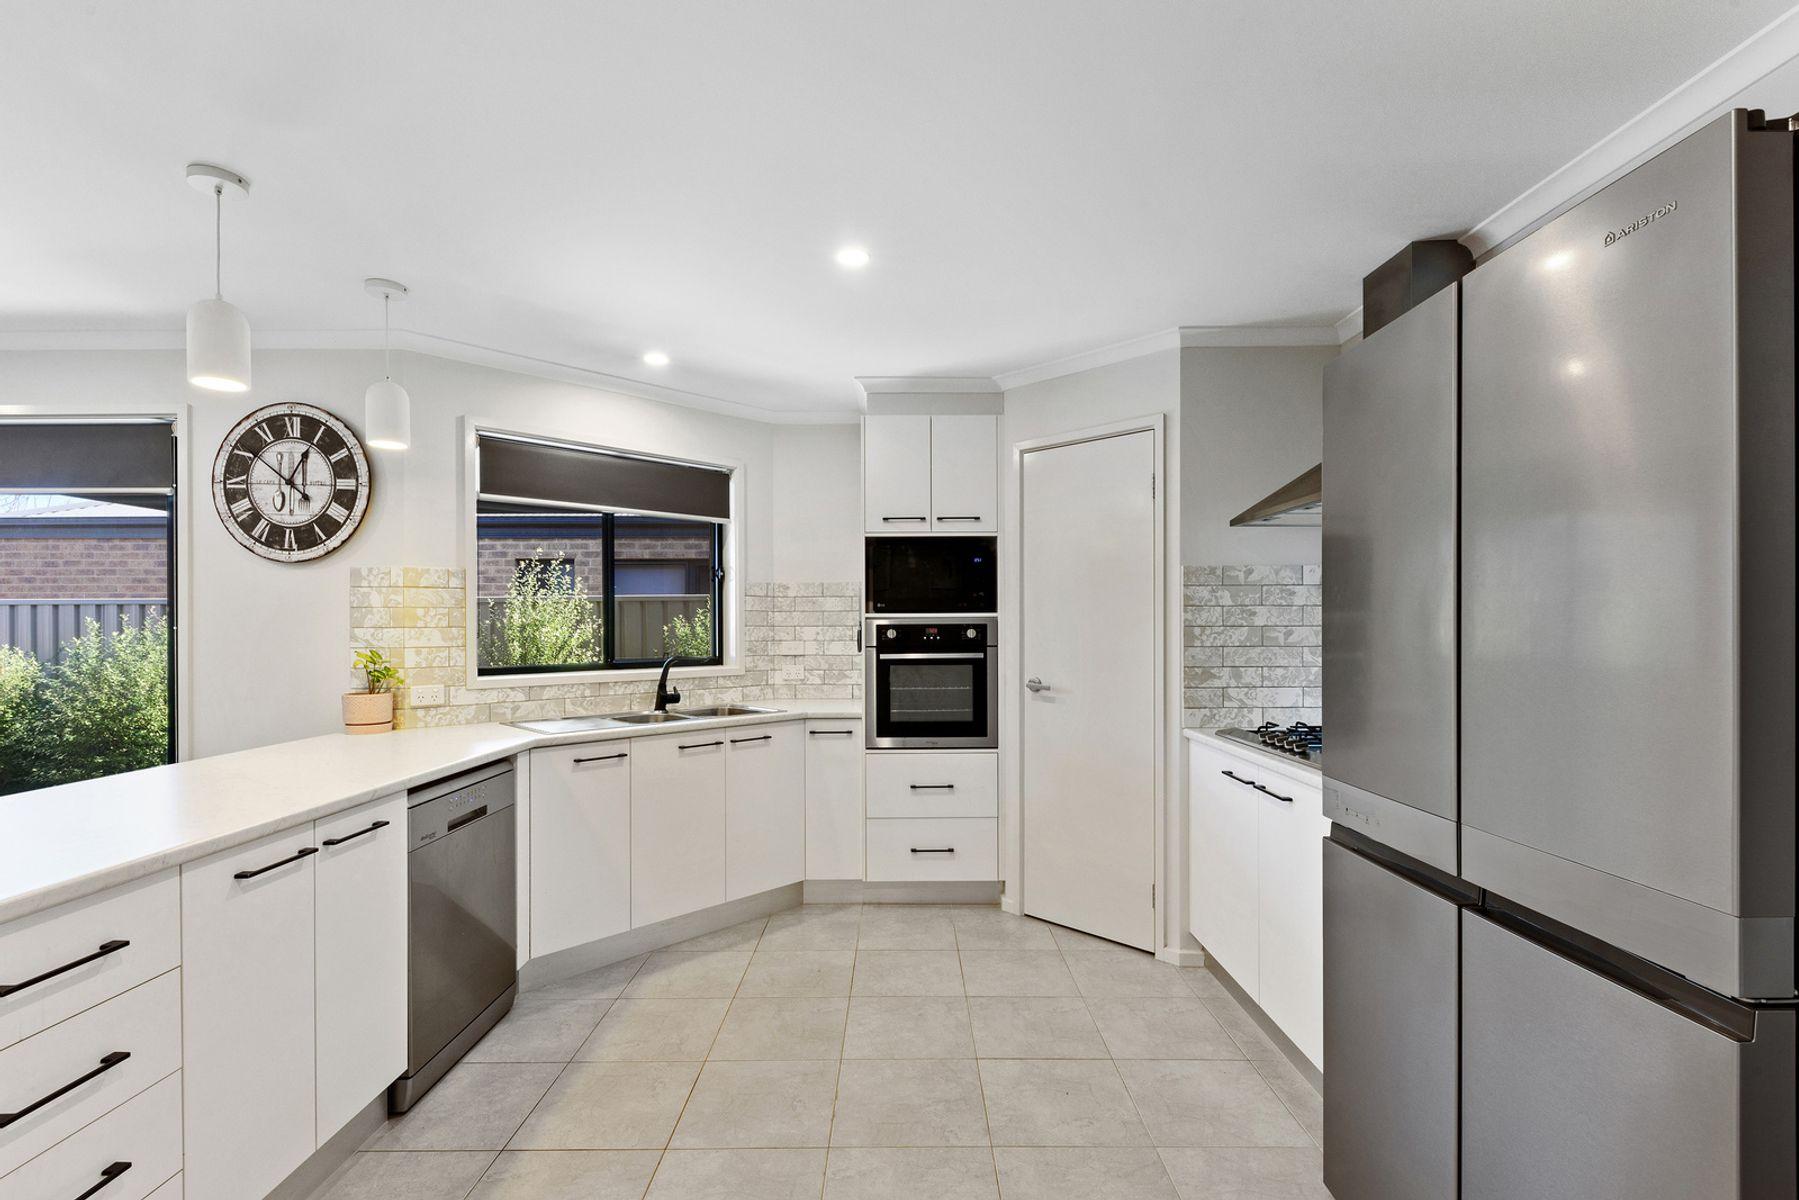 18 Carrington Close, White Hills, VIC 3550